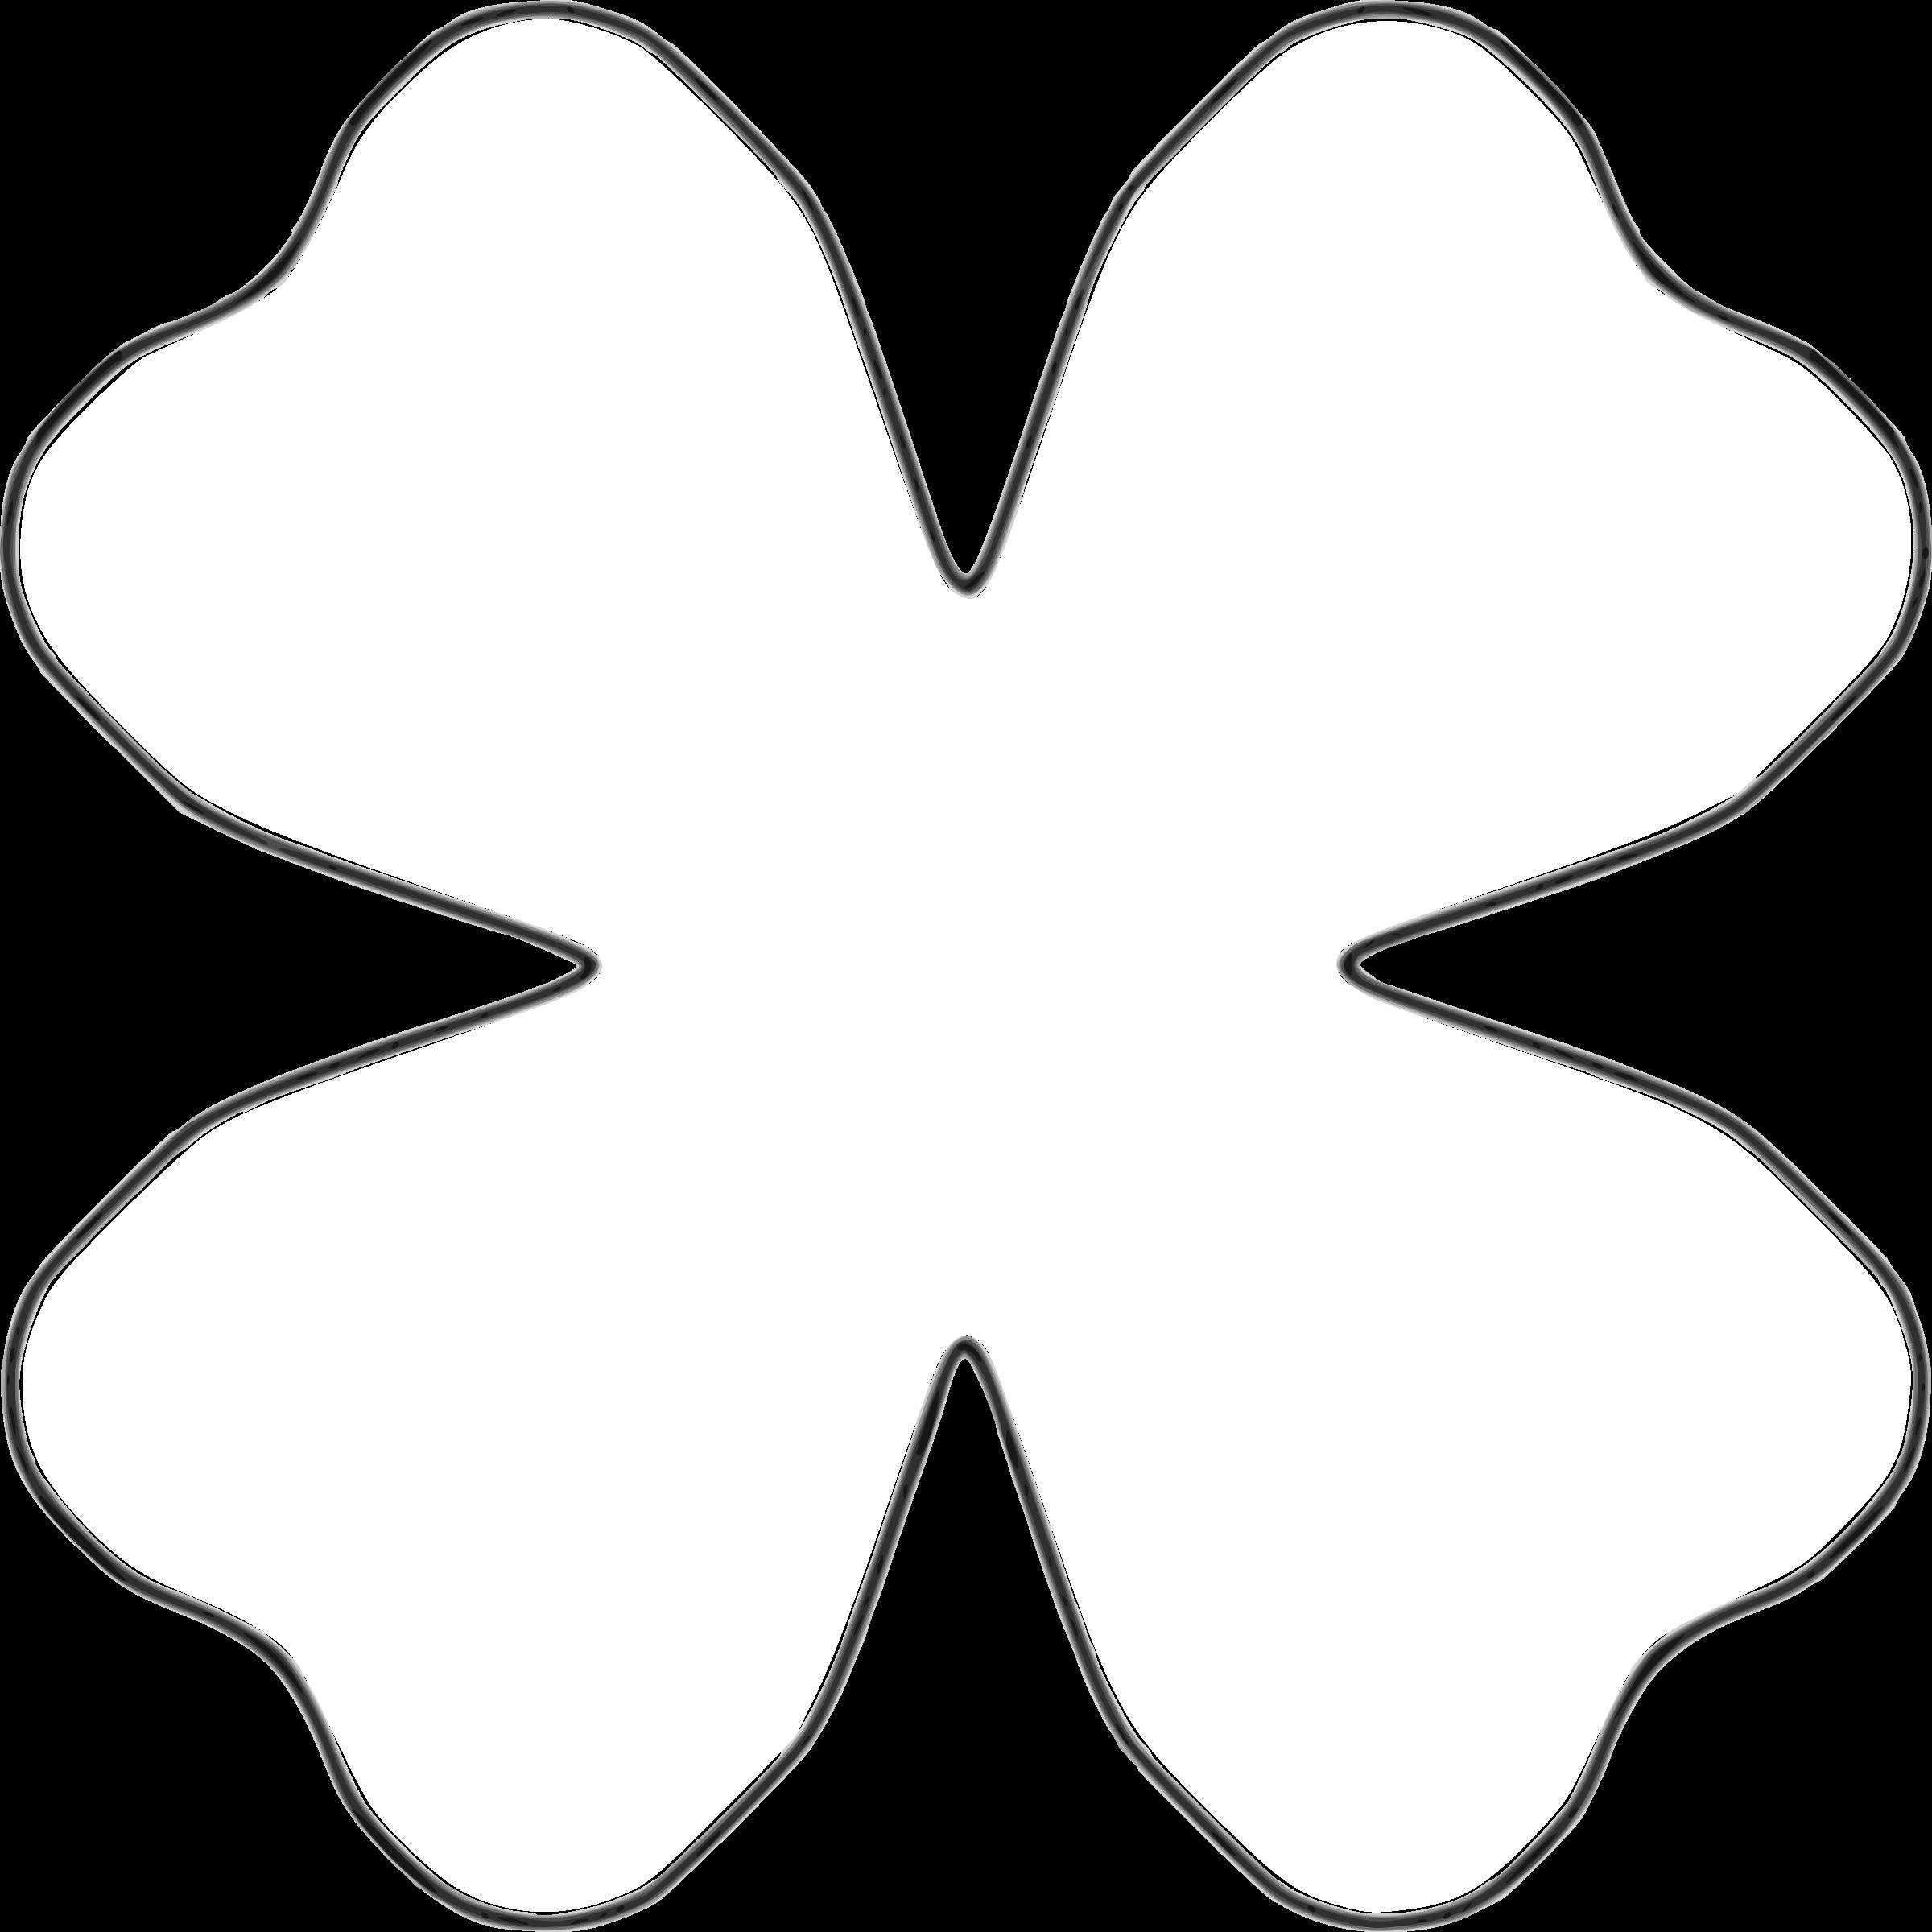 4 petal flower template.